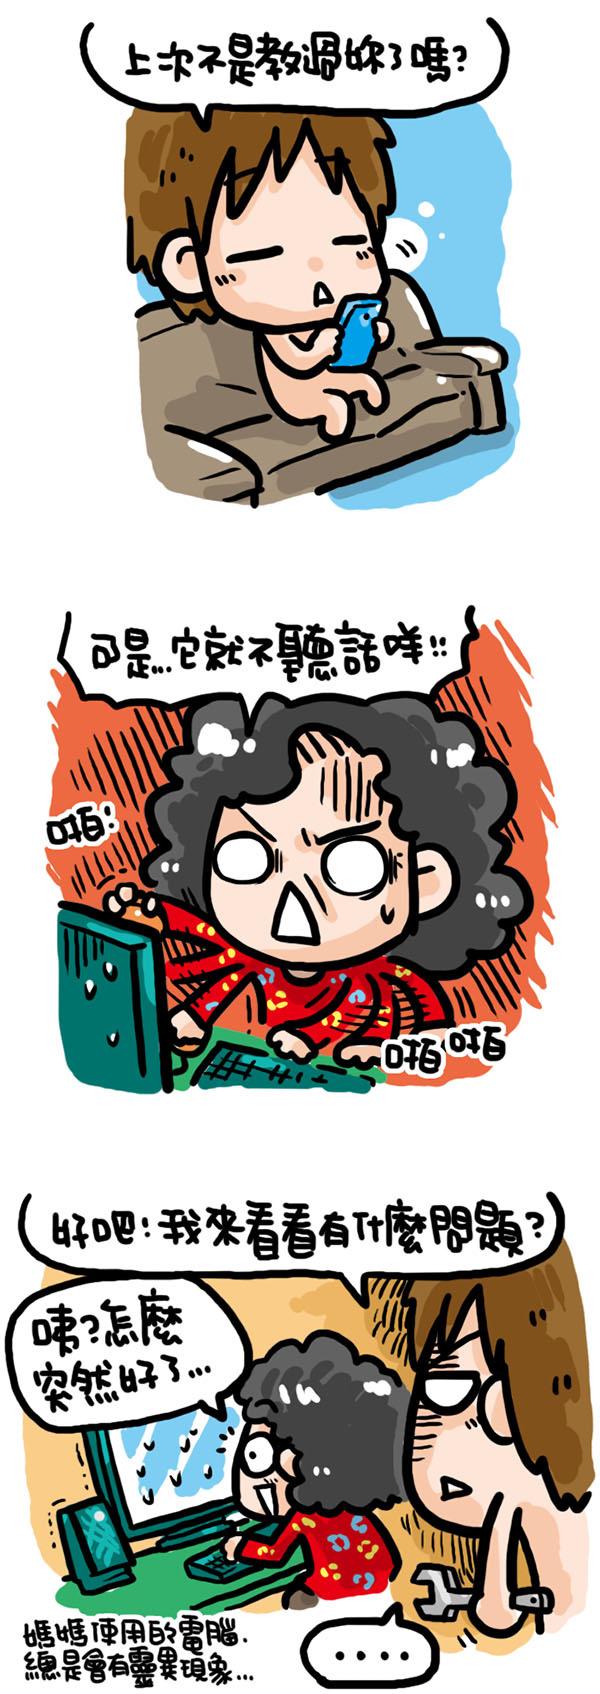 媽媽的電腦(RGB)02